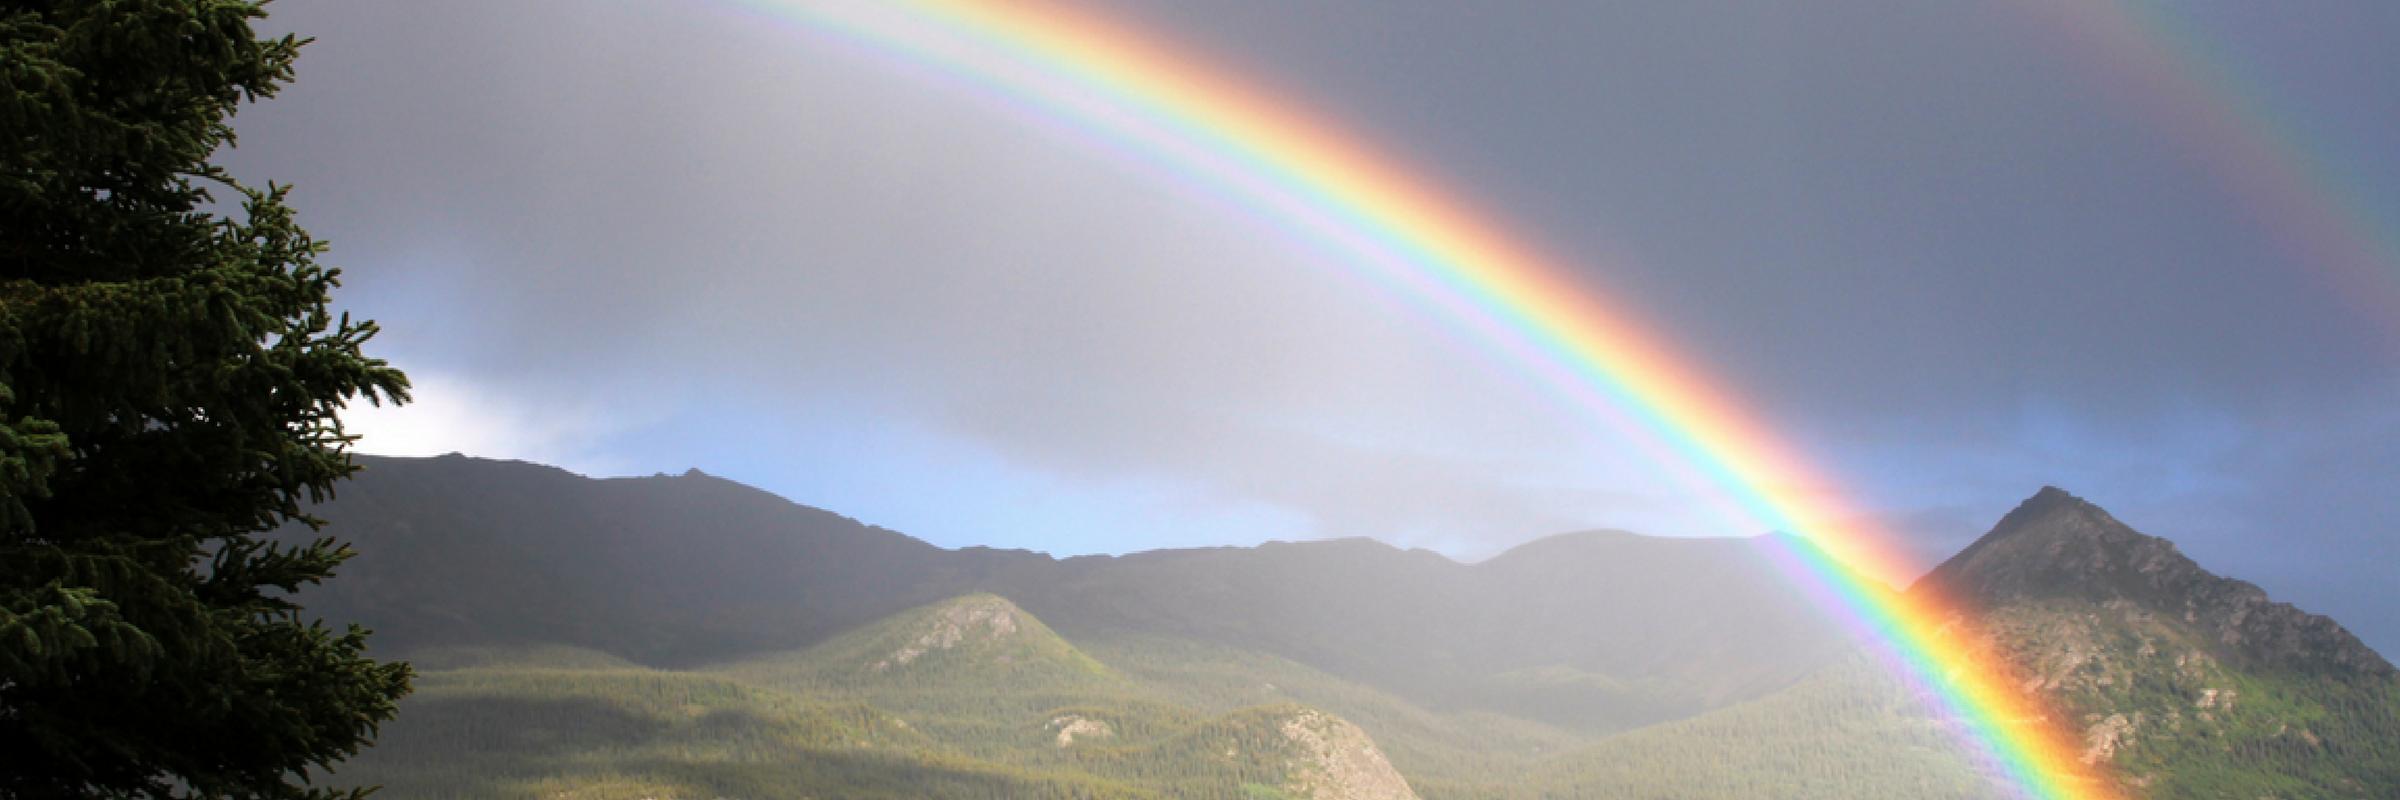 Rainbow Slider Image